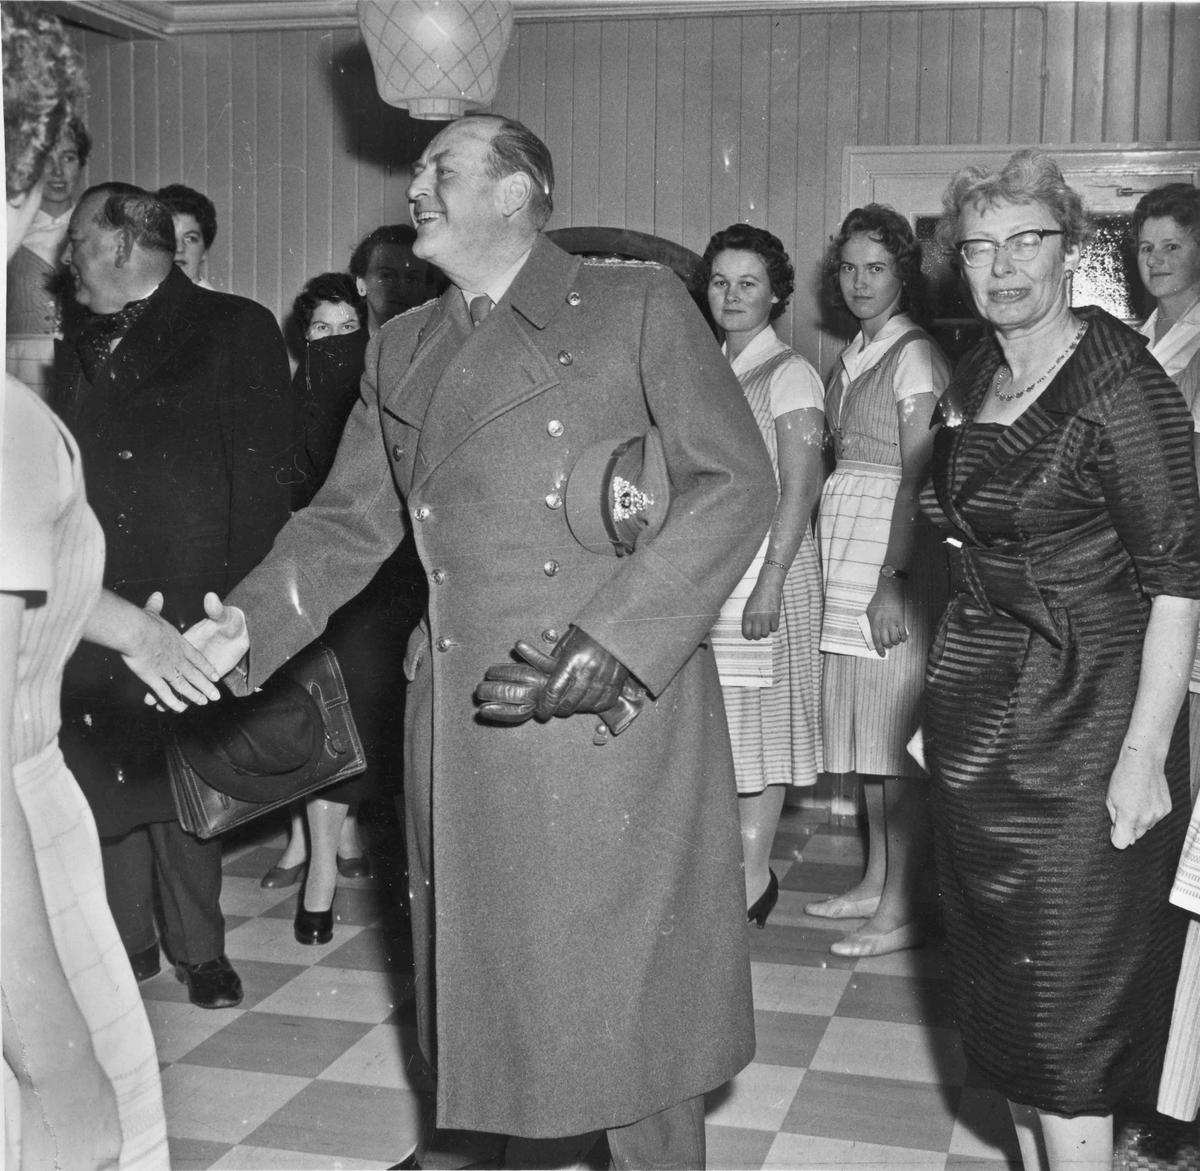 Etter åpningen av den nye Minnesundbrua 12. des. 1959 var det festmiddag på Akershus Fylkes Husmorskole. Her blir en smilende Kong Olav ønsket velkommen. Til høyre rektor Rønnaug Haga. Til venstre for Kong Olav Fylkesmann Trygve Lie.